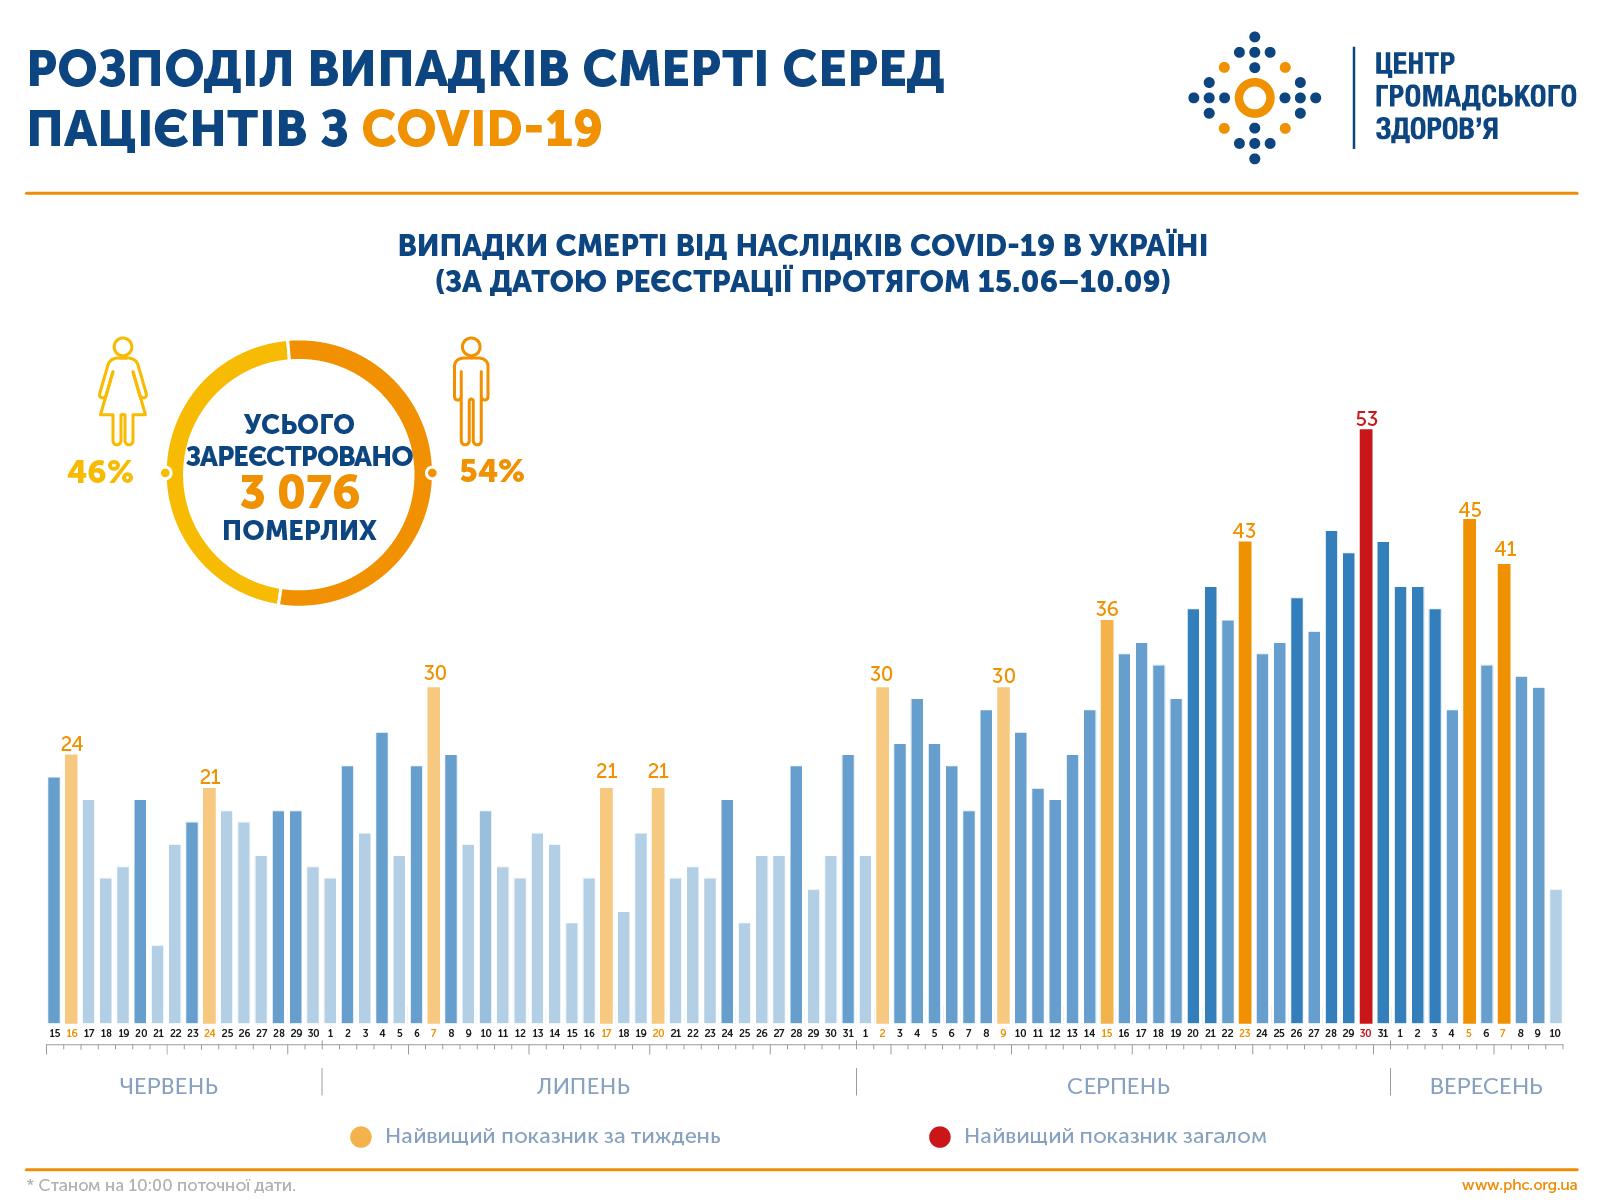 інфографіка розподіл випадків смерті від коронавірусу